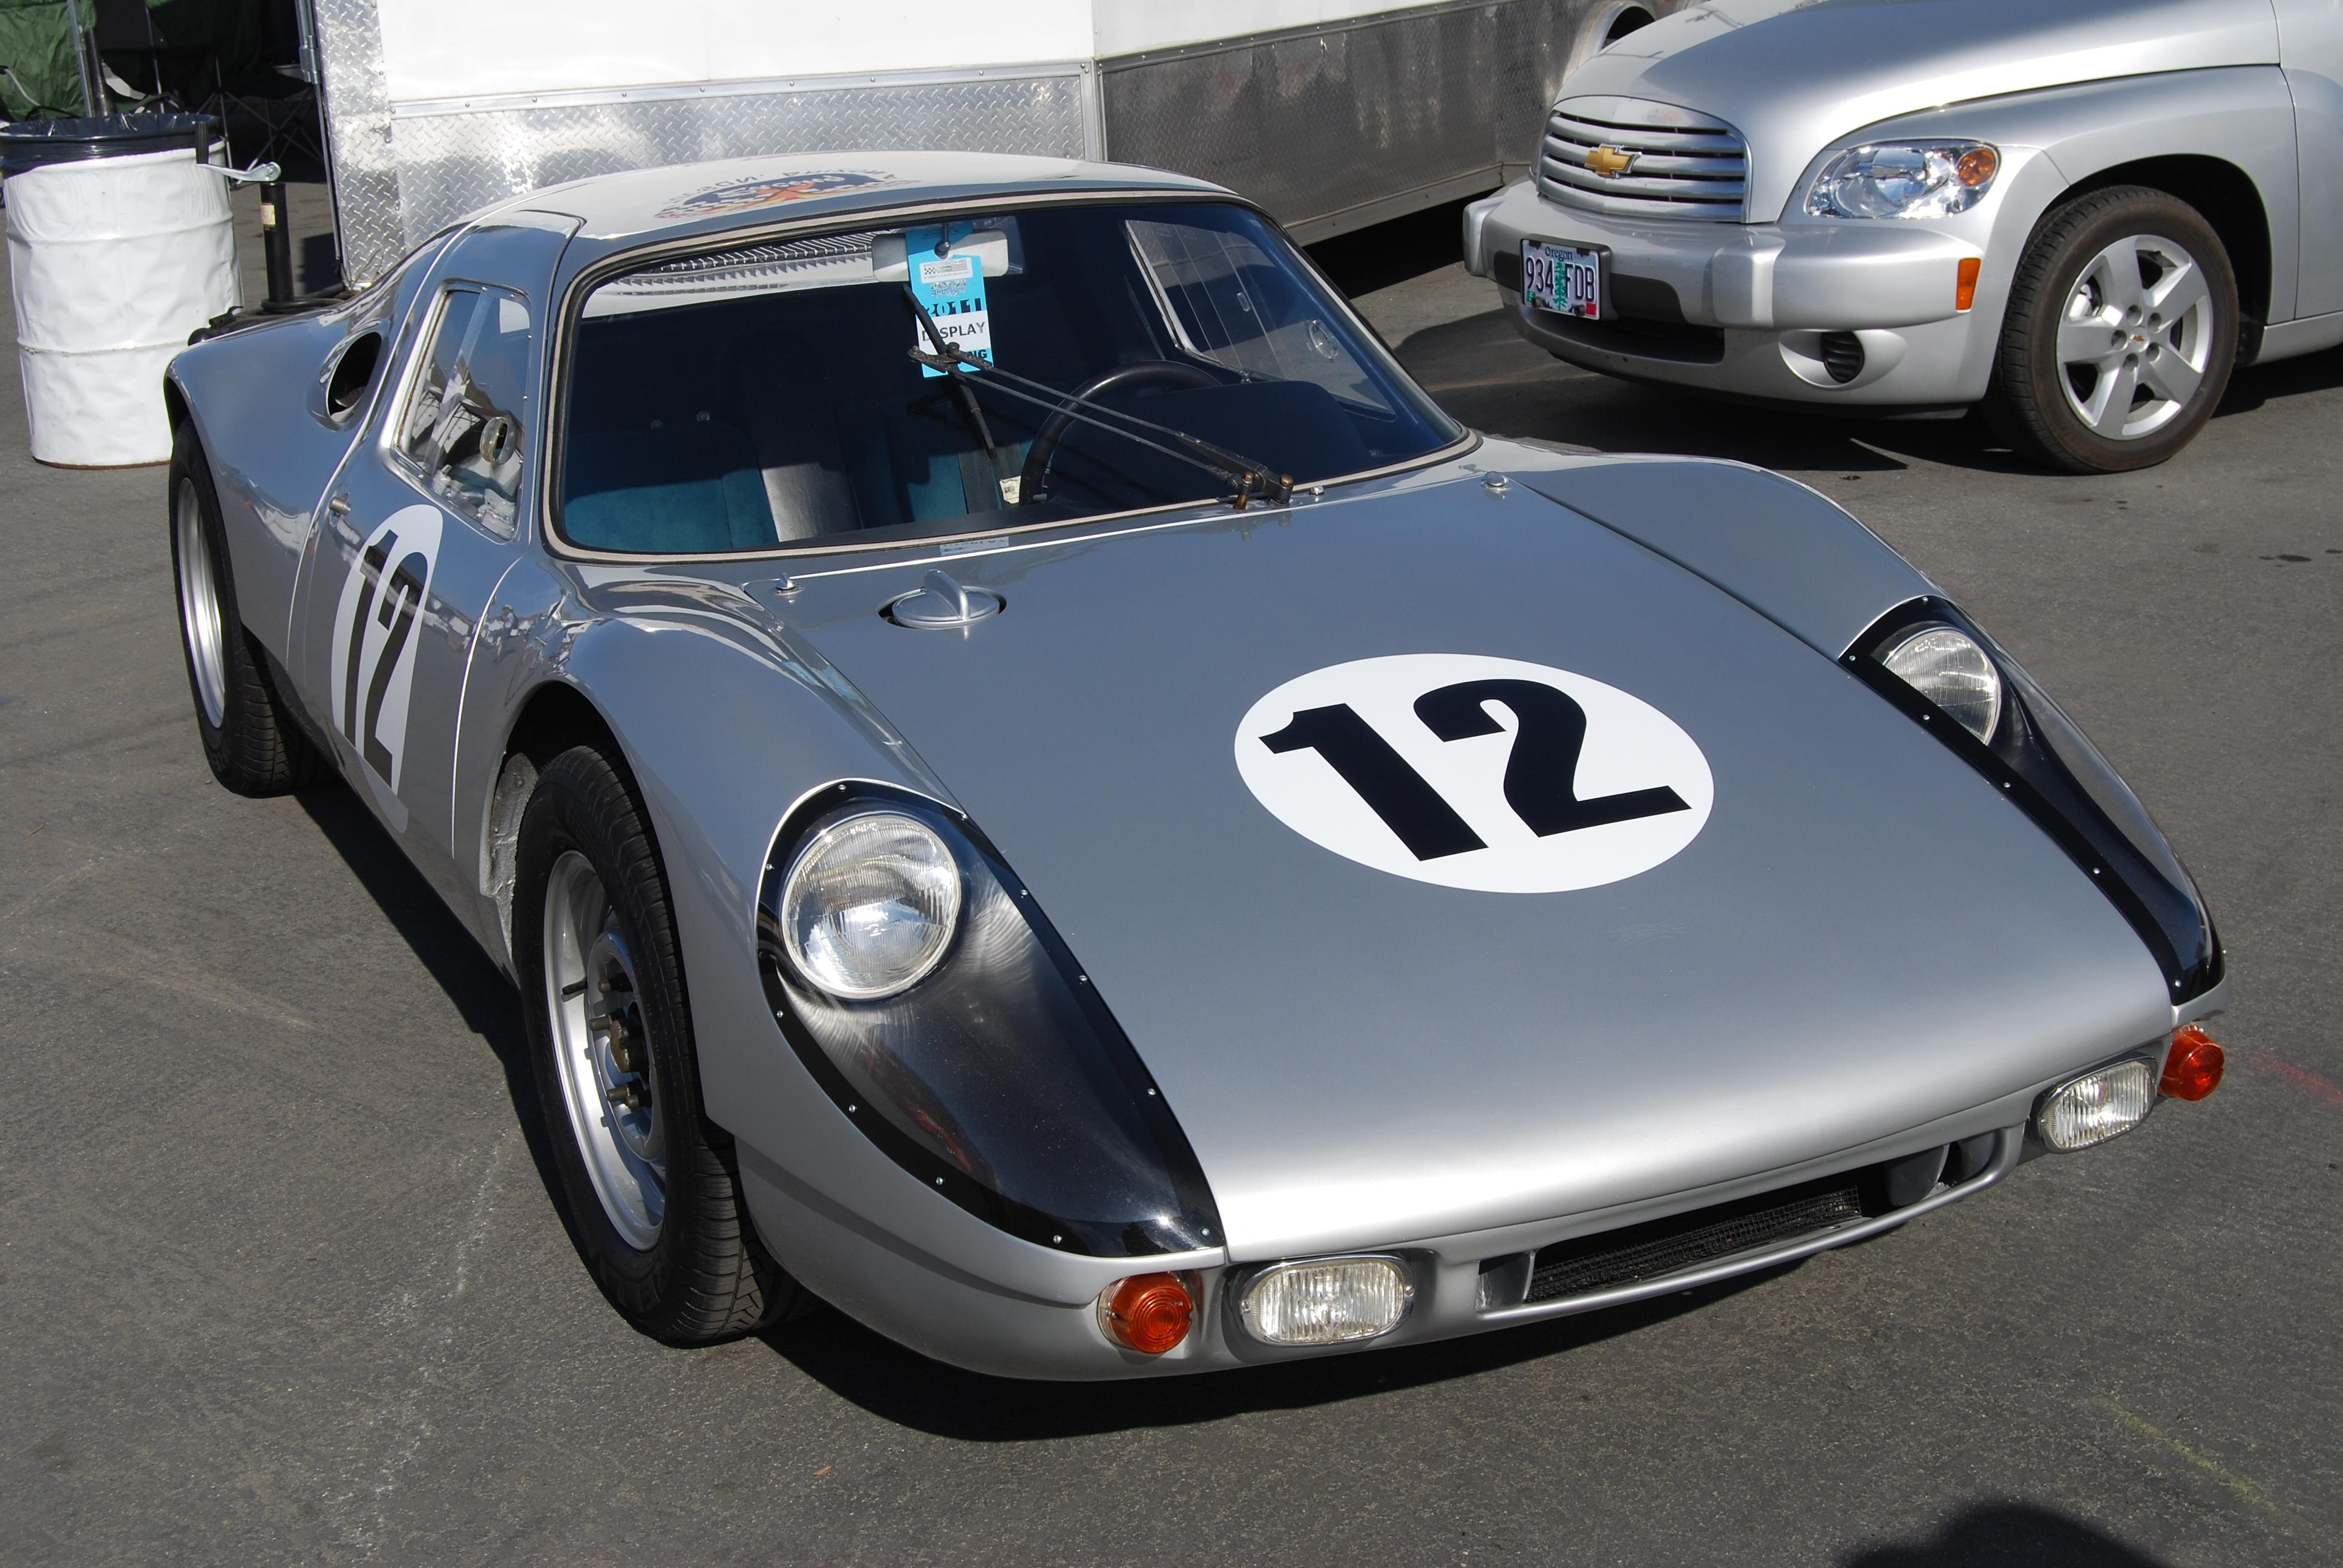 File:Flickr - wbaiv - Silver Porsche 904 ^12 DSC 0118.jpg